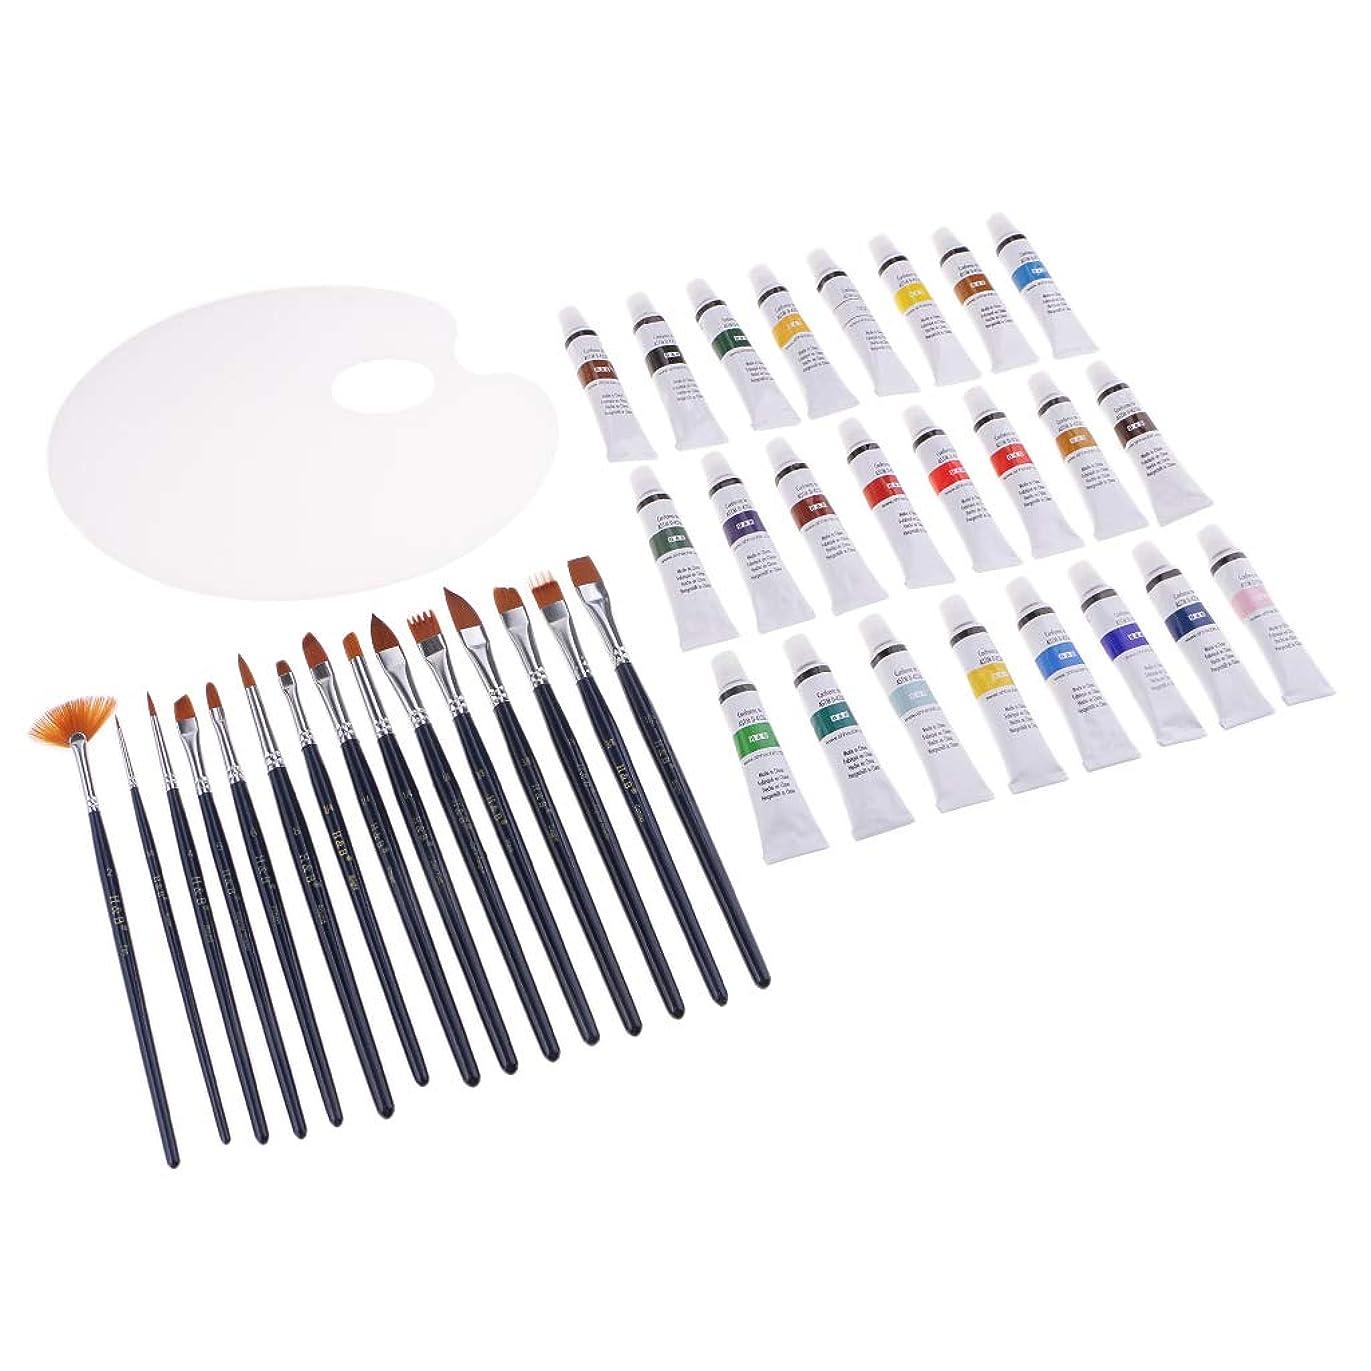 分析的なオリエンタル手首ヘアブラシ アクリル塗料 パレット バッグ付き 子供用 大人用 芸術家用 初心者用 約40個/セット